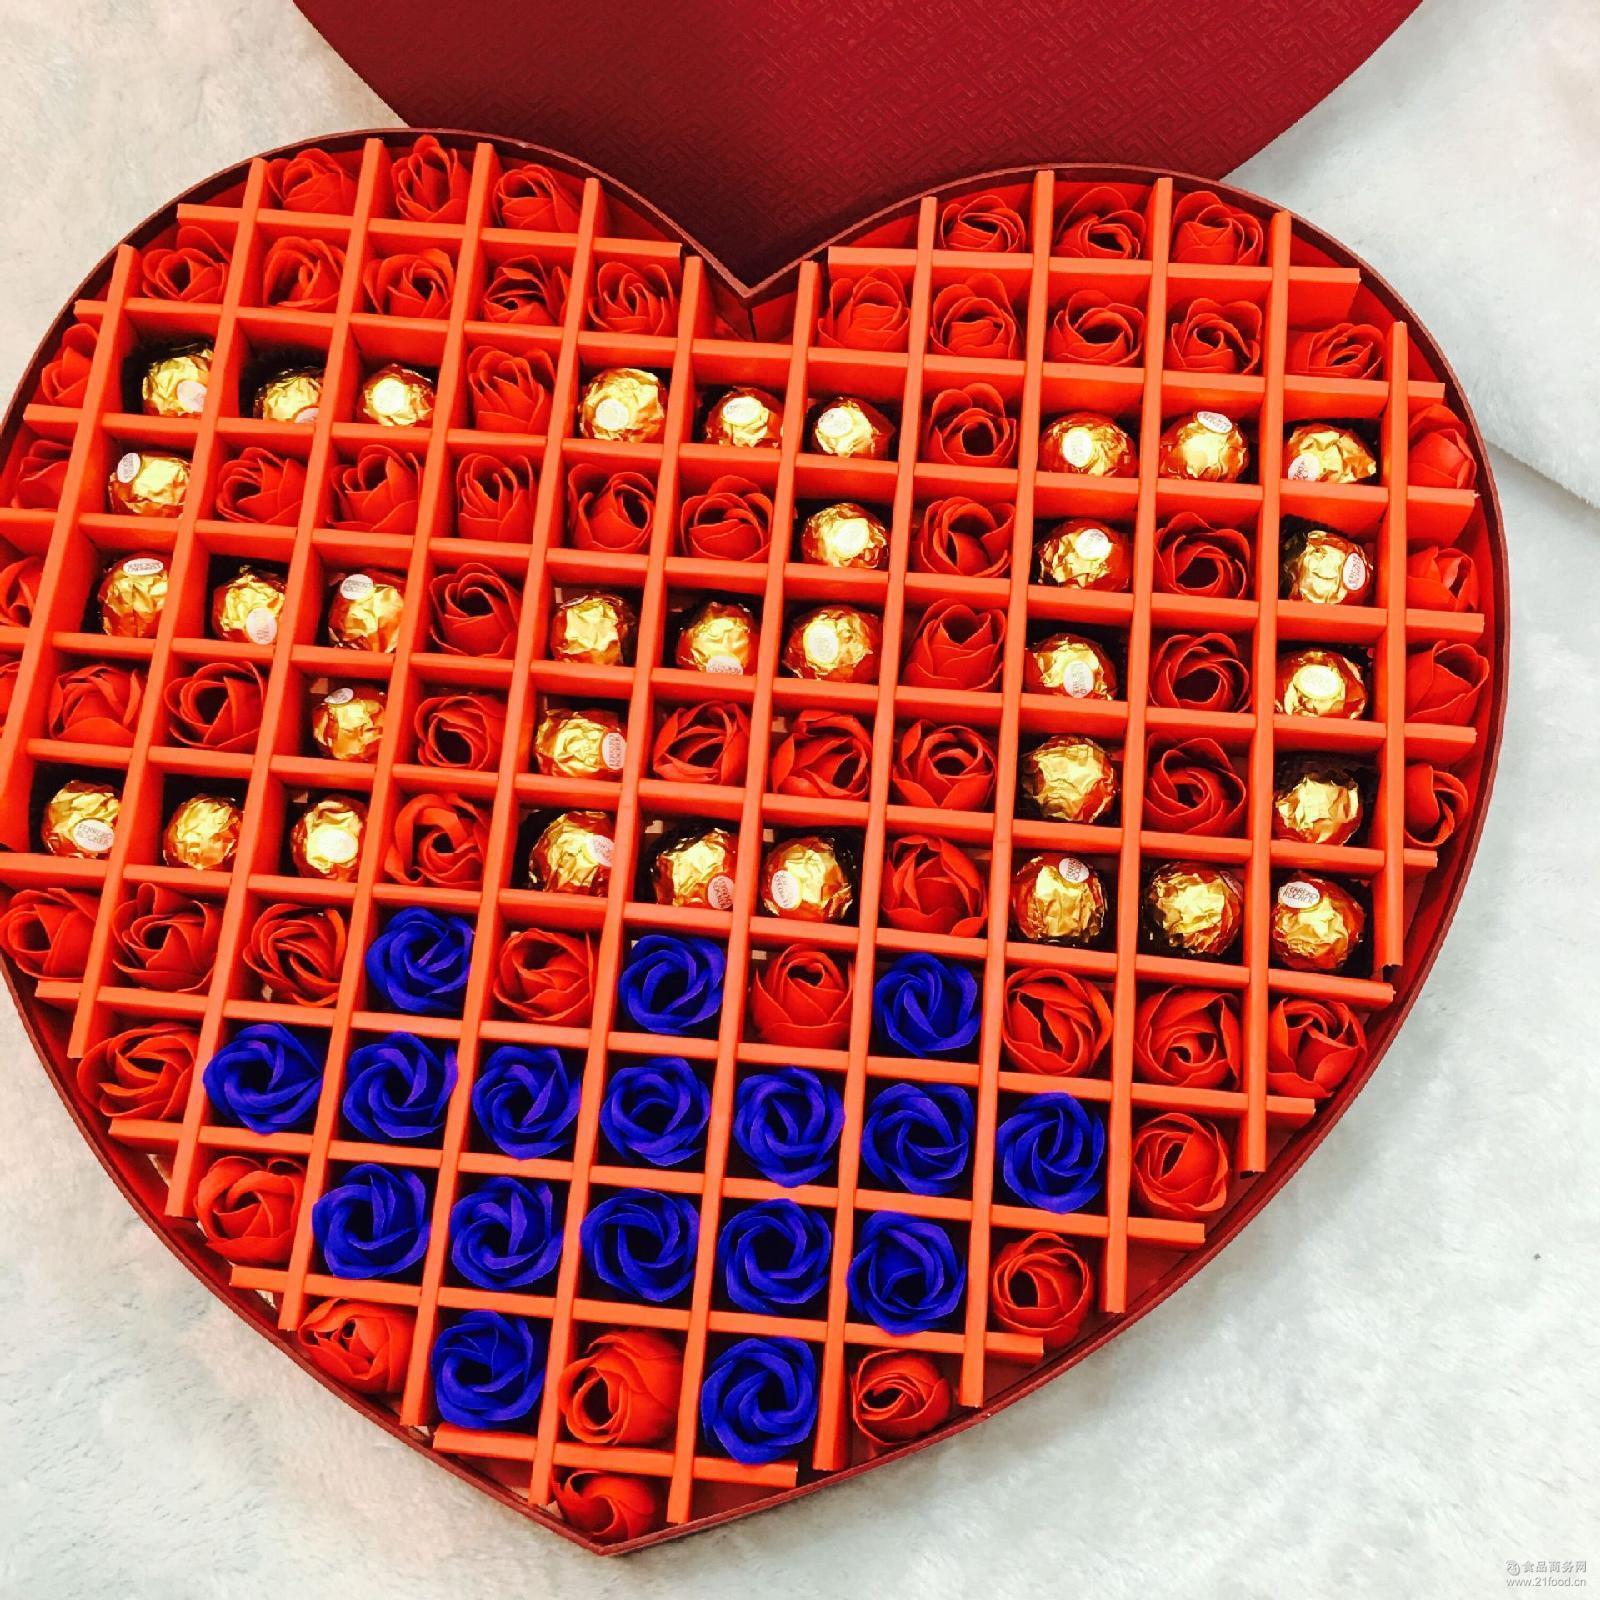 129格超大桃心盒费列罗巧克力*定制生日节日礼物爆款一件代发